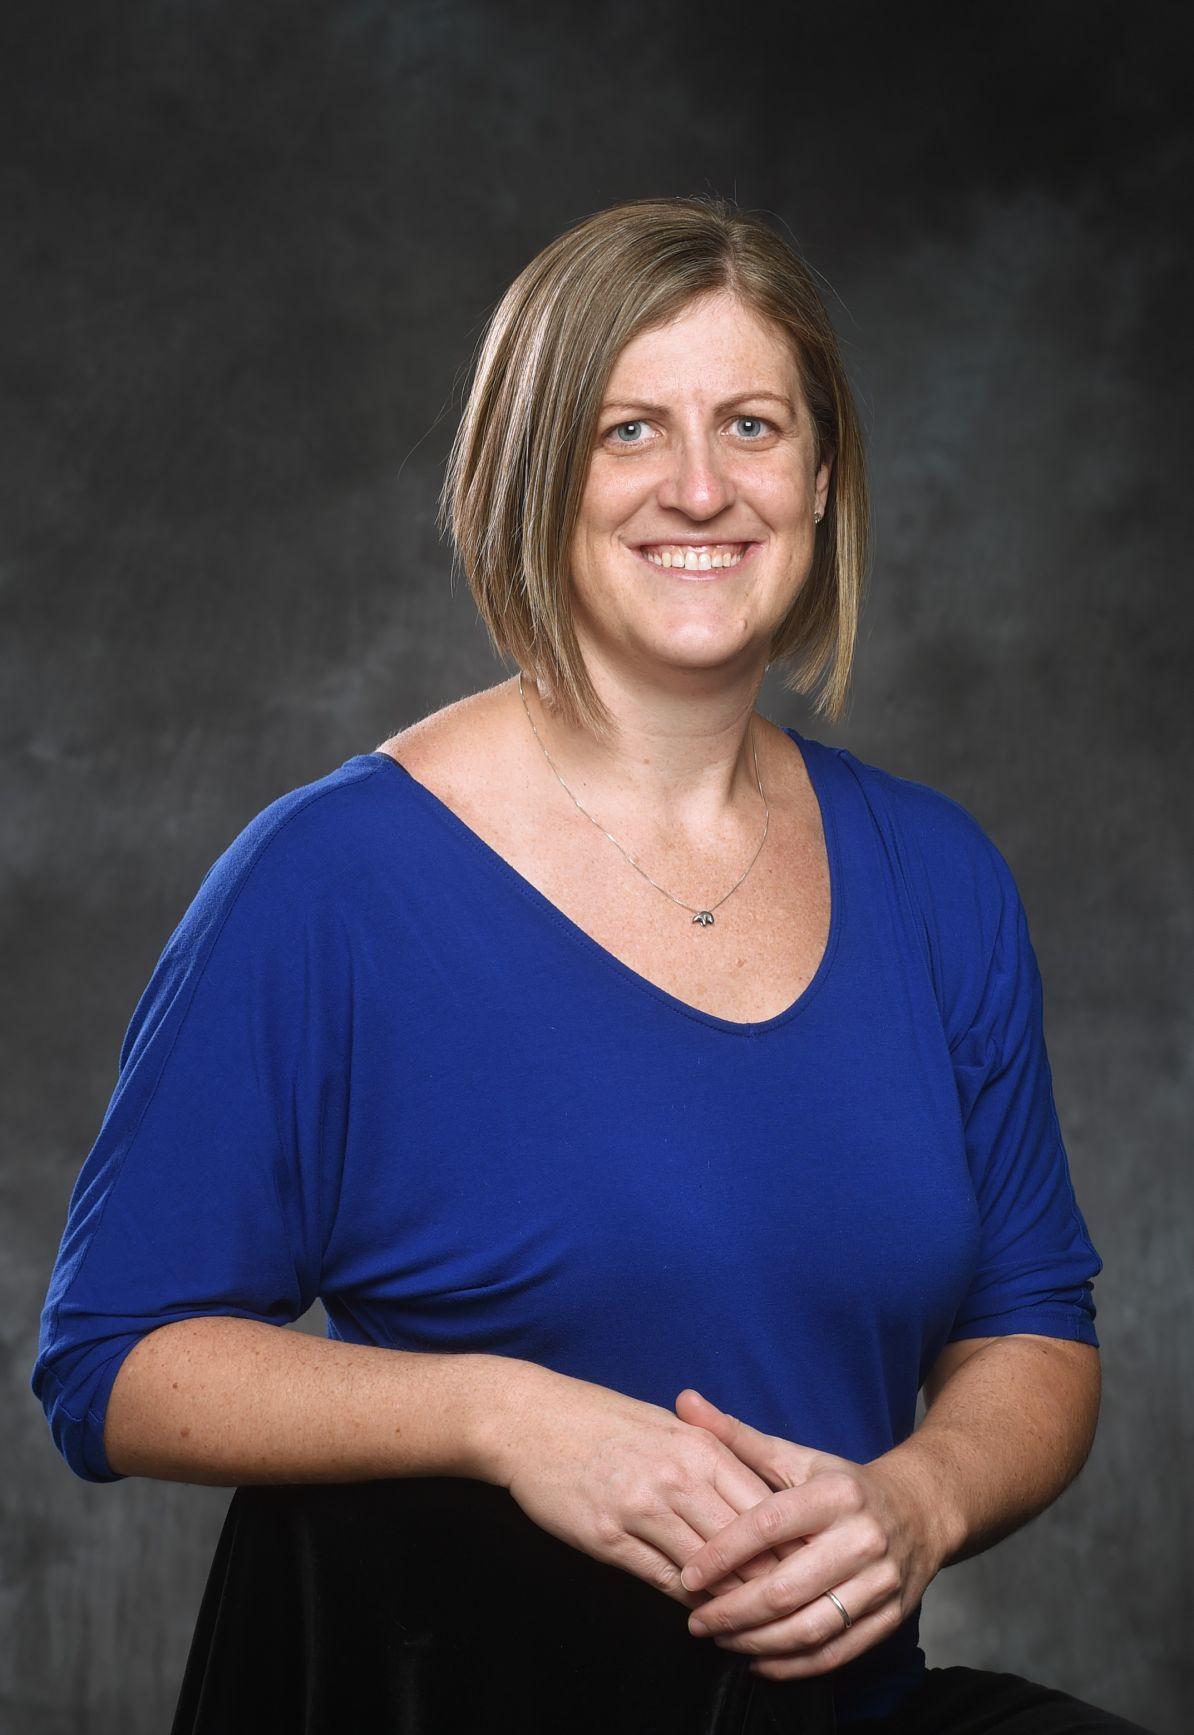 Erin Stevens 40-40